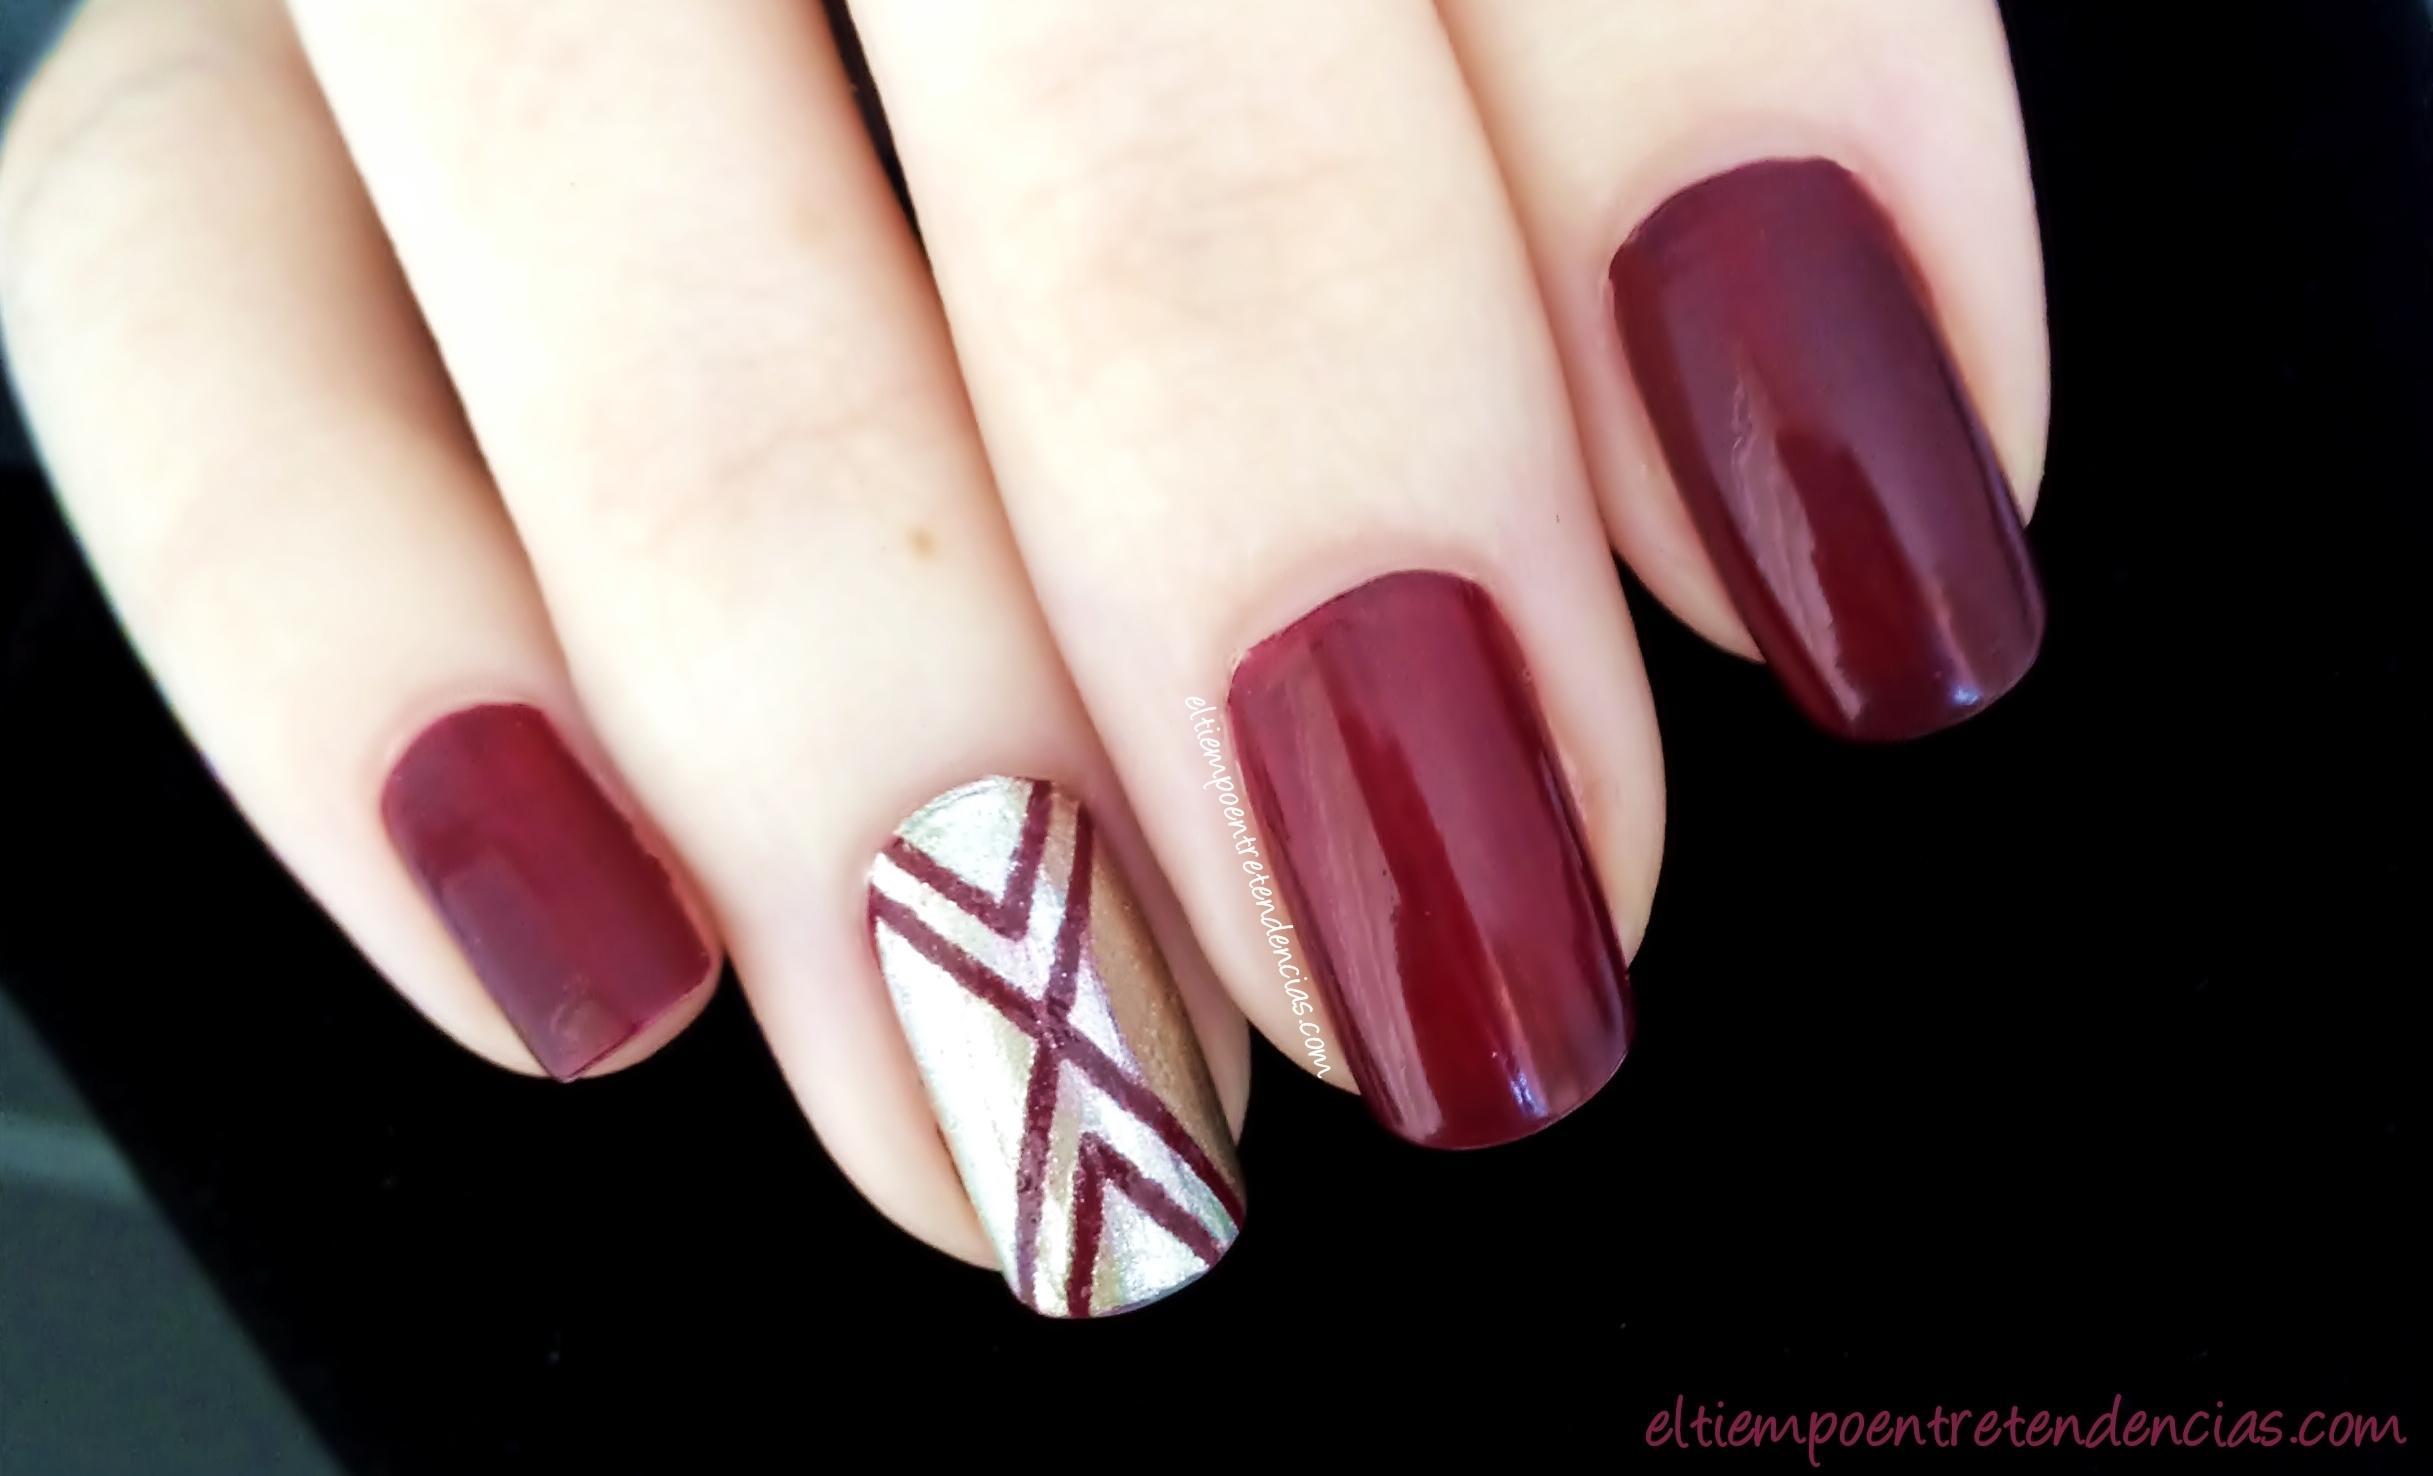 Manicura de uñas festiva - El tiempo entre tendencias